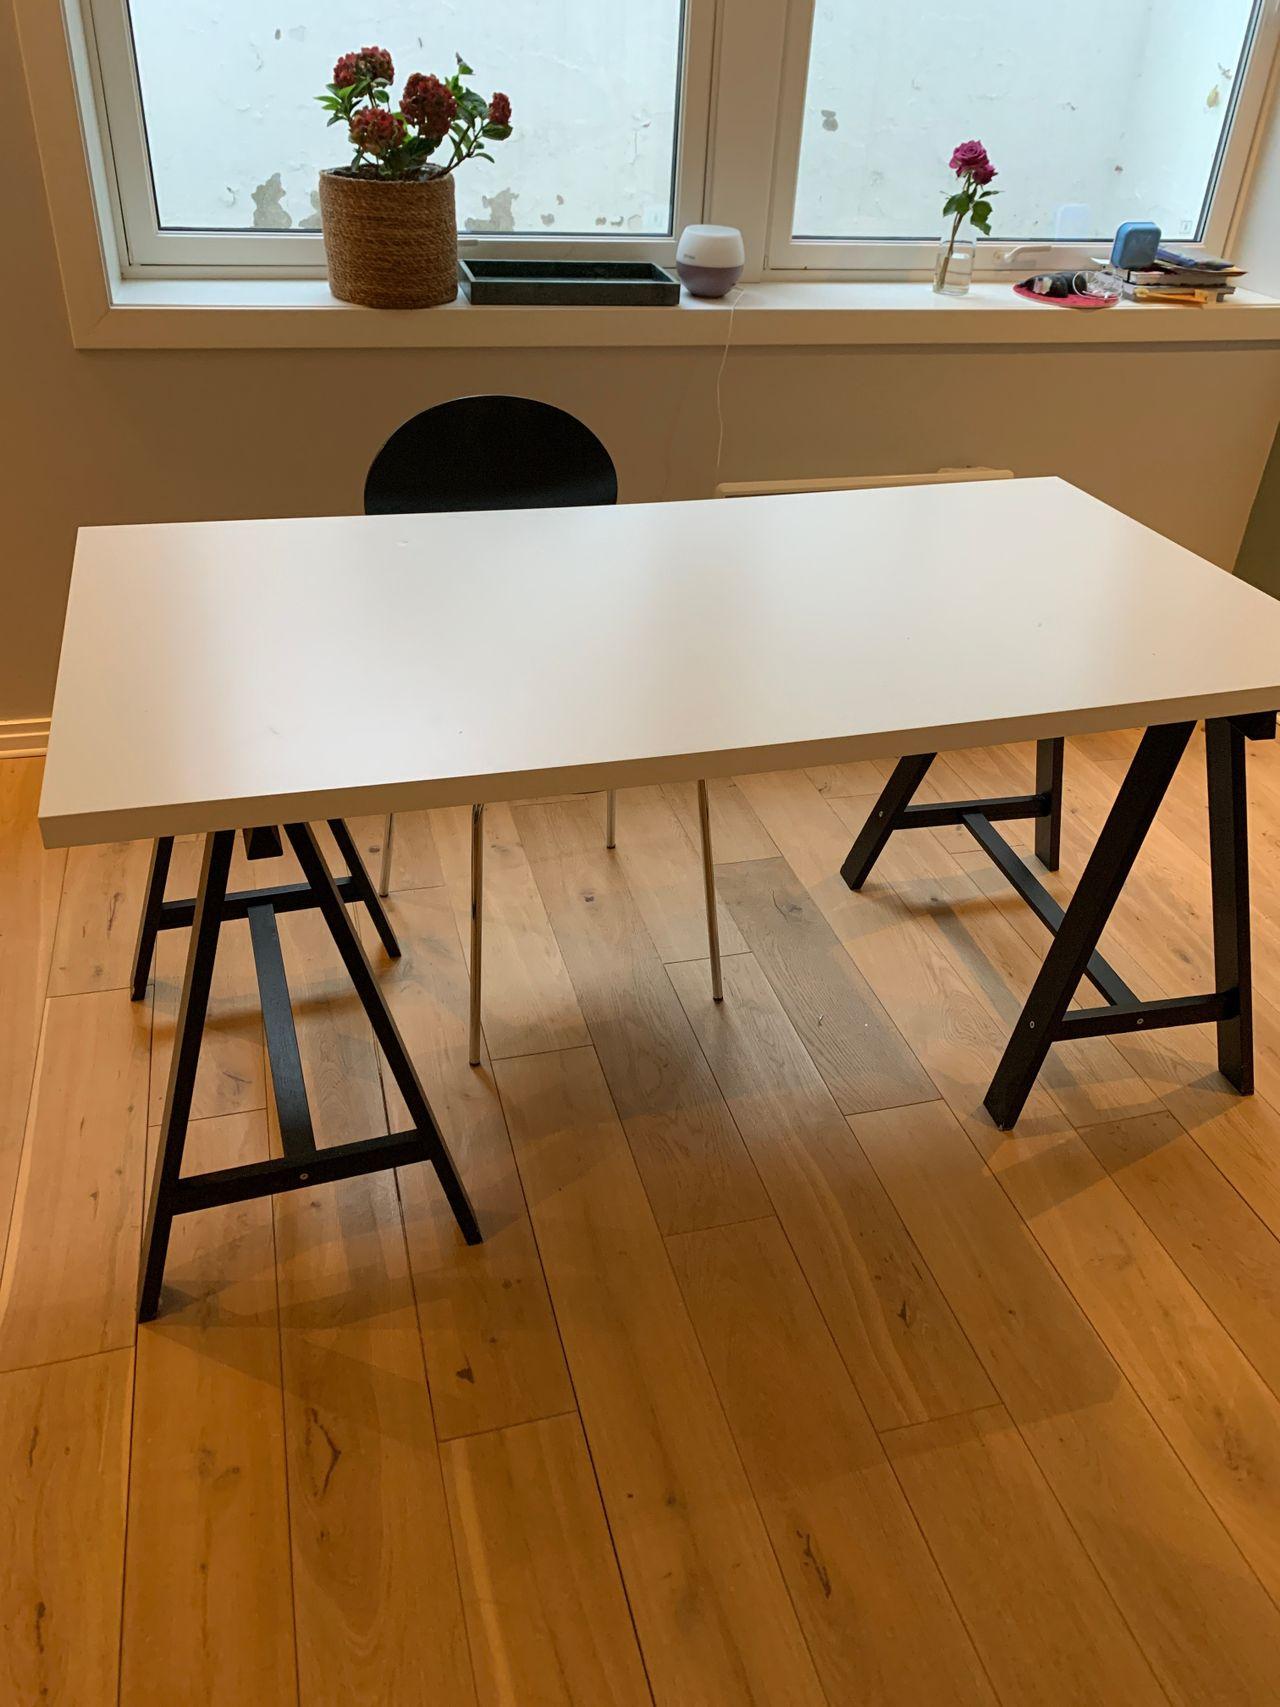 Skrivebord gis bort mot Kjøpe, selge og utveksle annonser